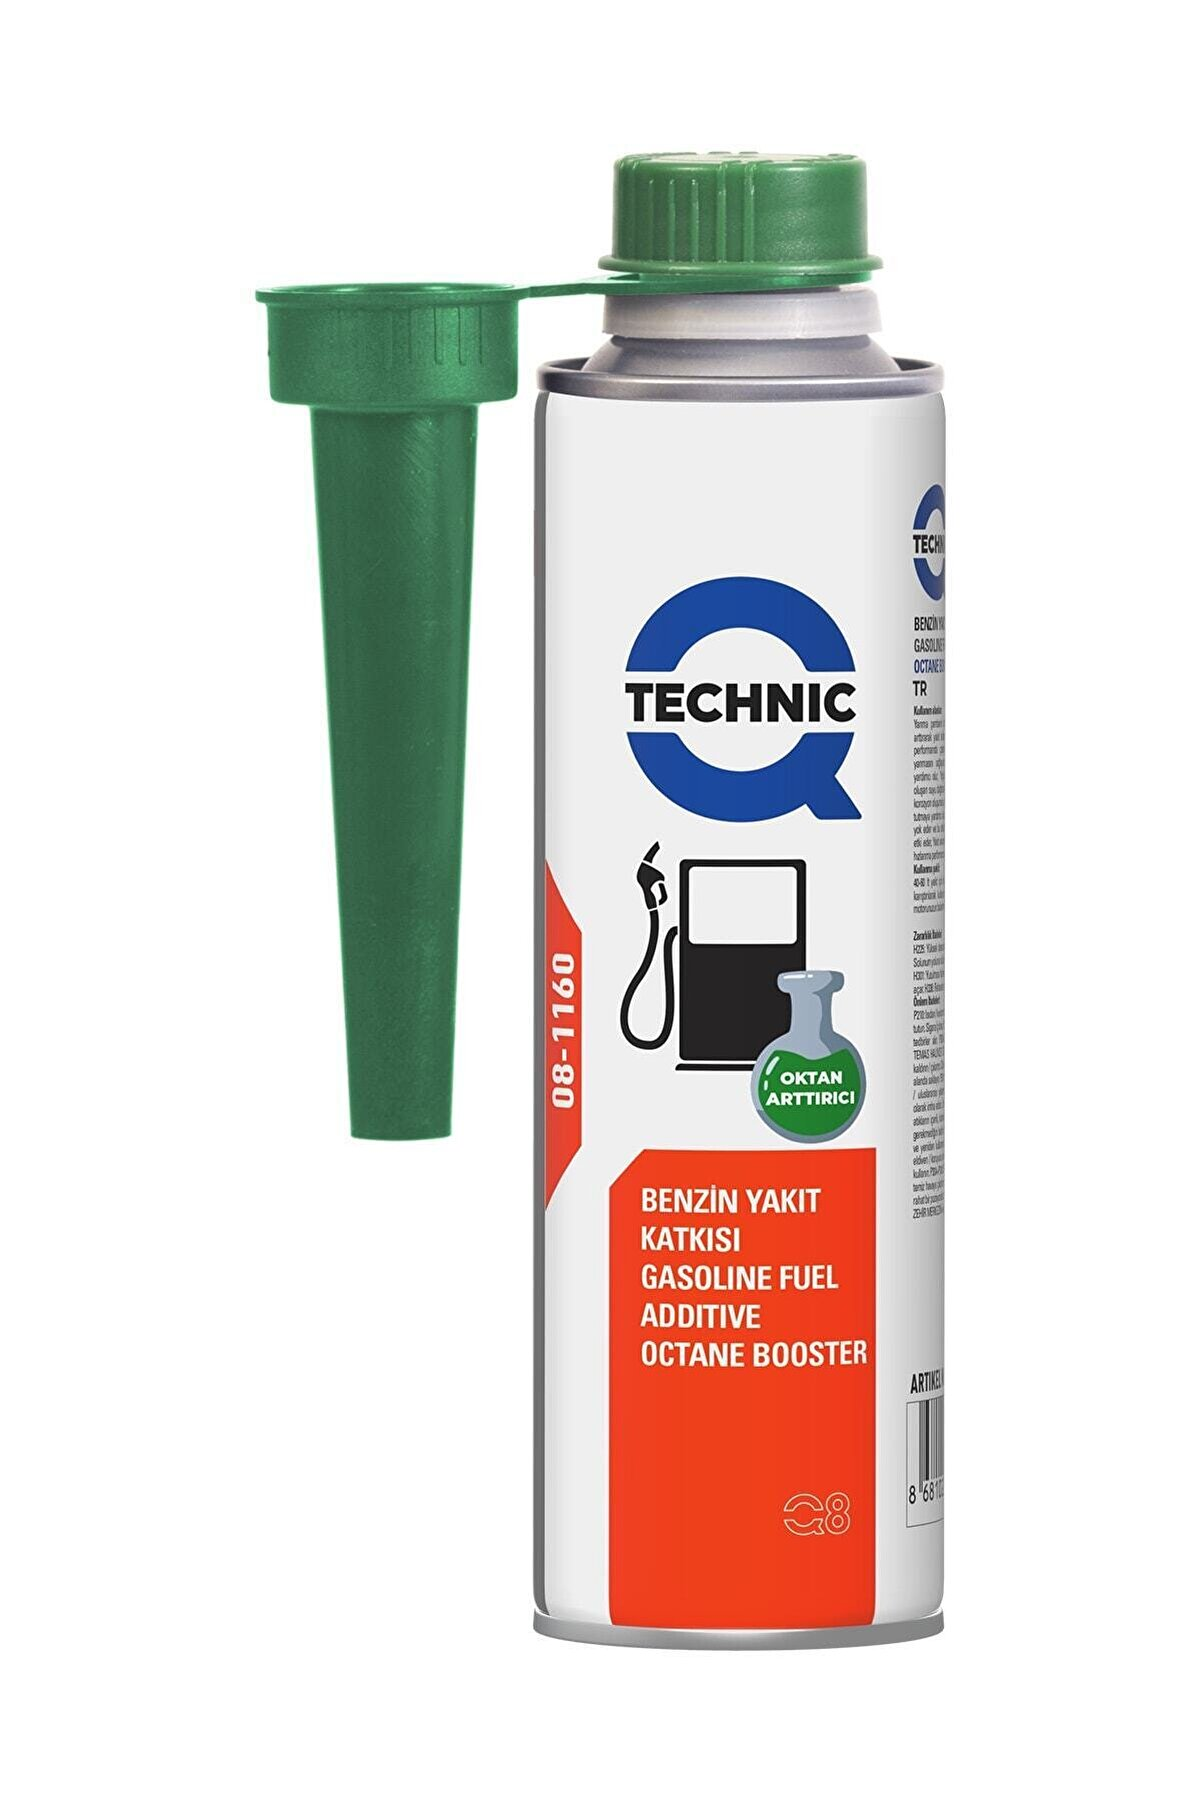 Qtechnic Benzin Yakıt Katkısı (OKTAN ARTTIRICI) 300ml